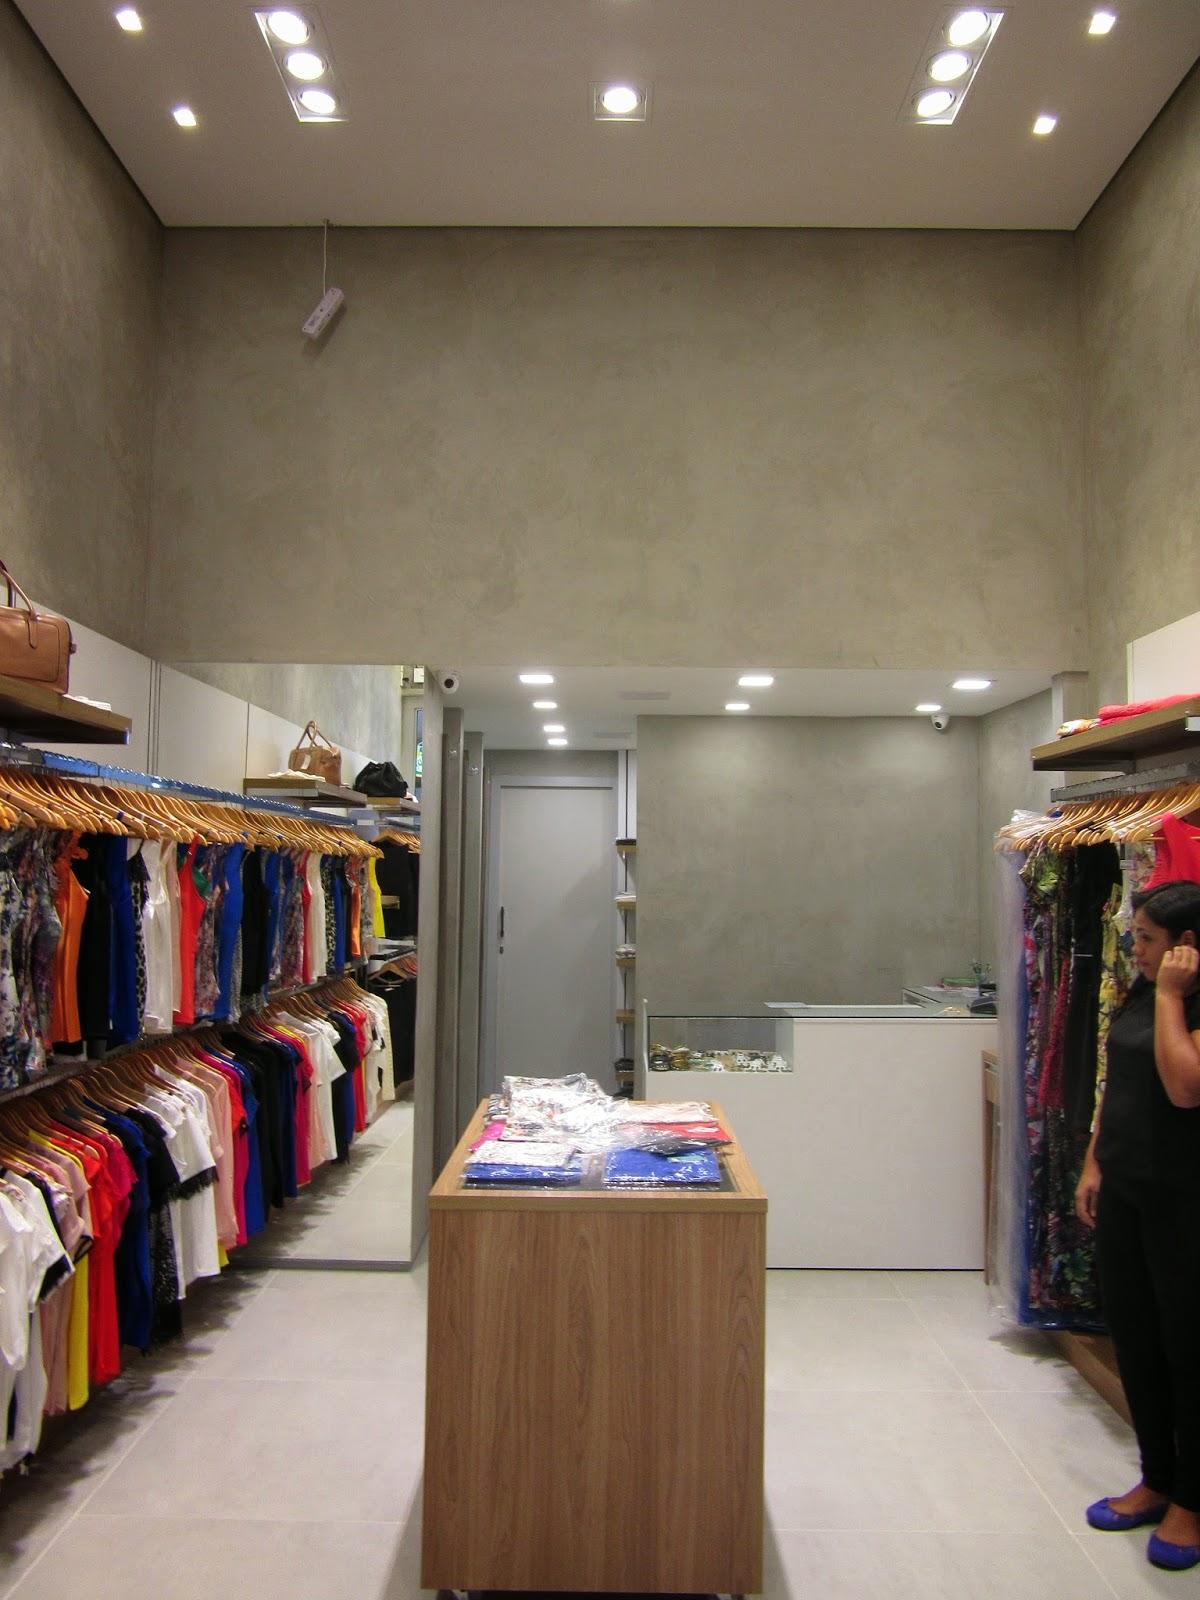 Famosos Projeto para uma loja de roupas | A CASA DO ARQUITETO LZ91